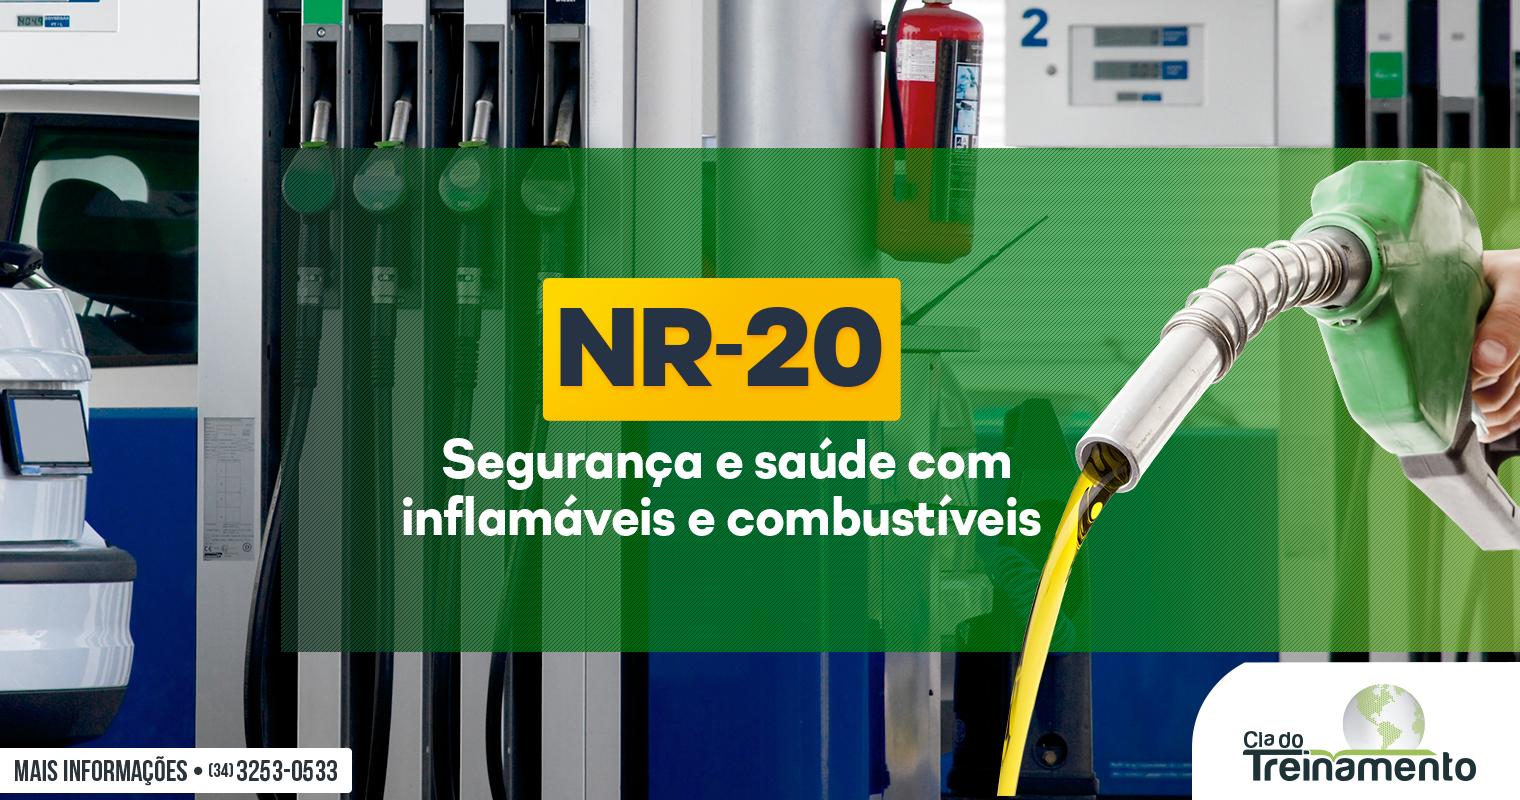 NR-20: Segurança e saúde com inflamáveis e combustíveis